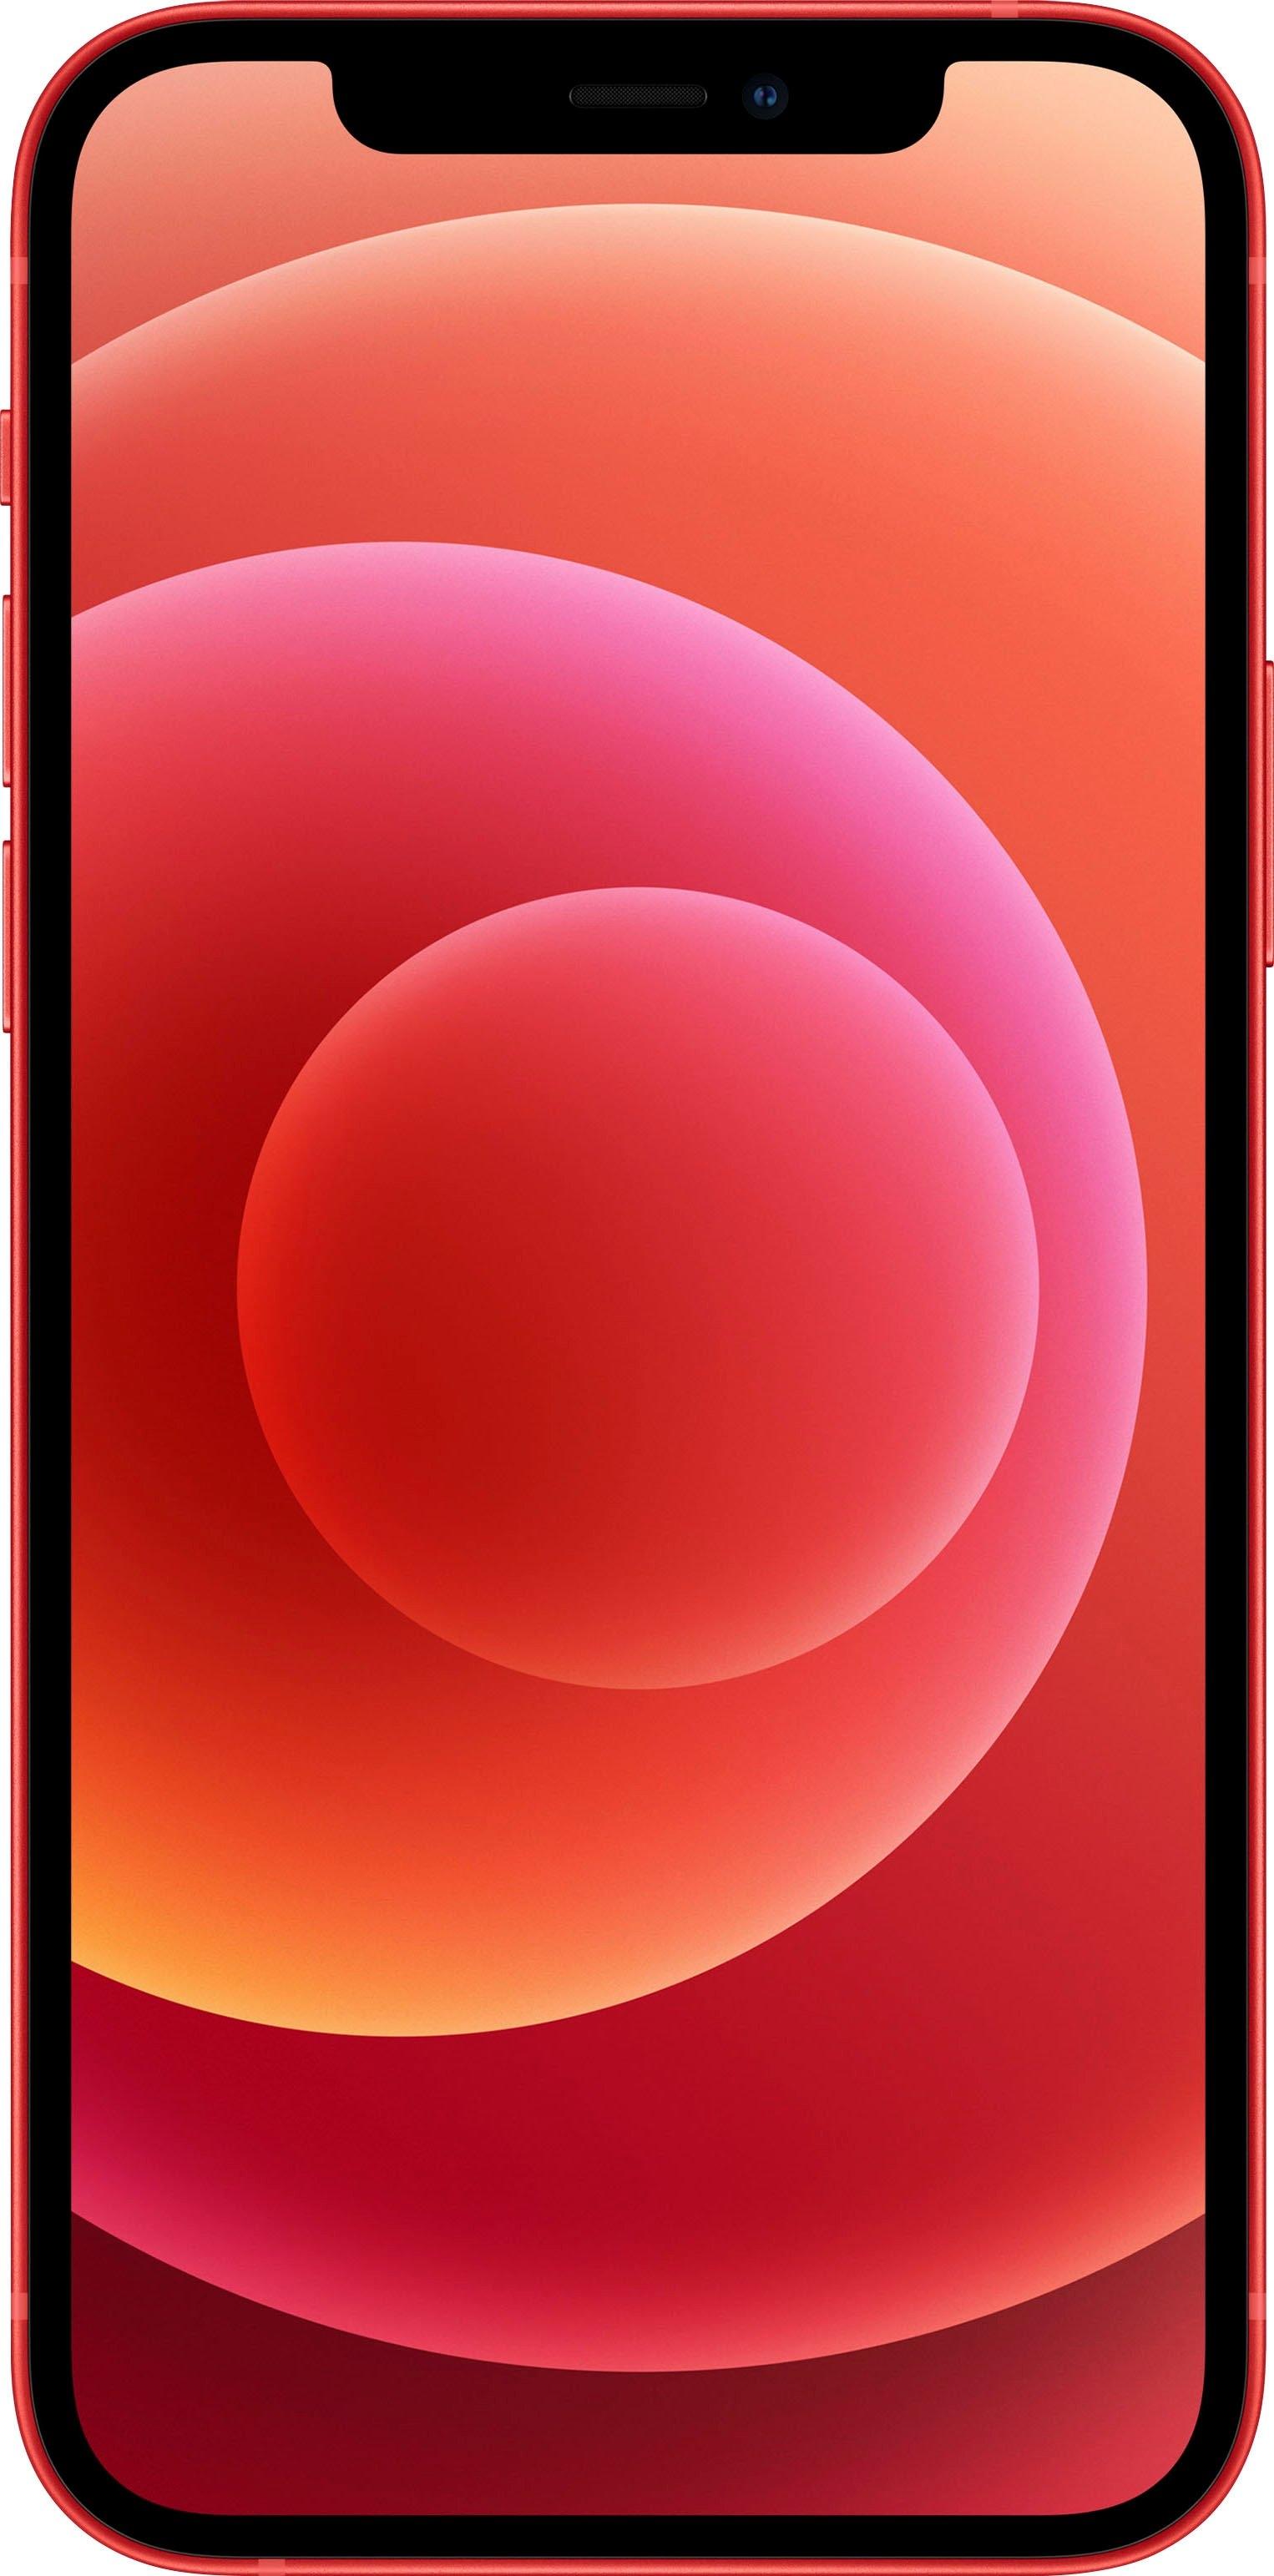 Apple smartphone iPhone 12, 128 GB, zonder stroom-adapter en hoofdtelefoon, compatibel met airpods, airpods pro, earpods hoofdtelefoon voordelig en veilig online kopen